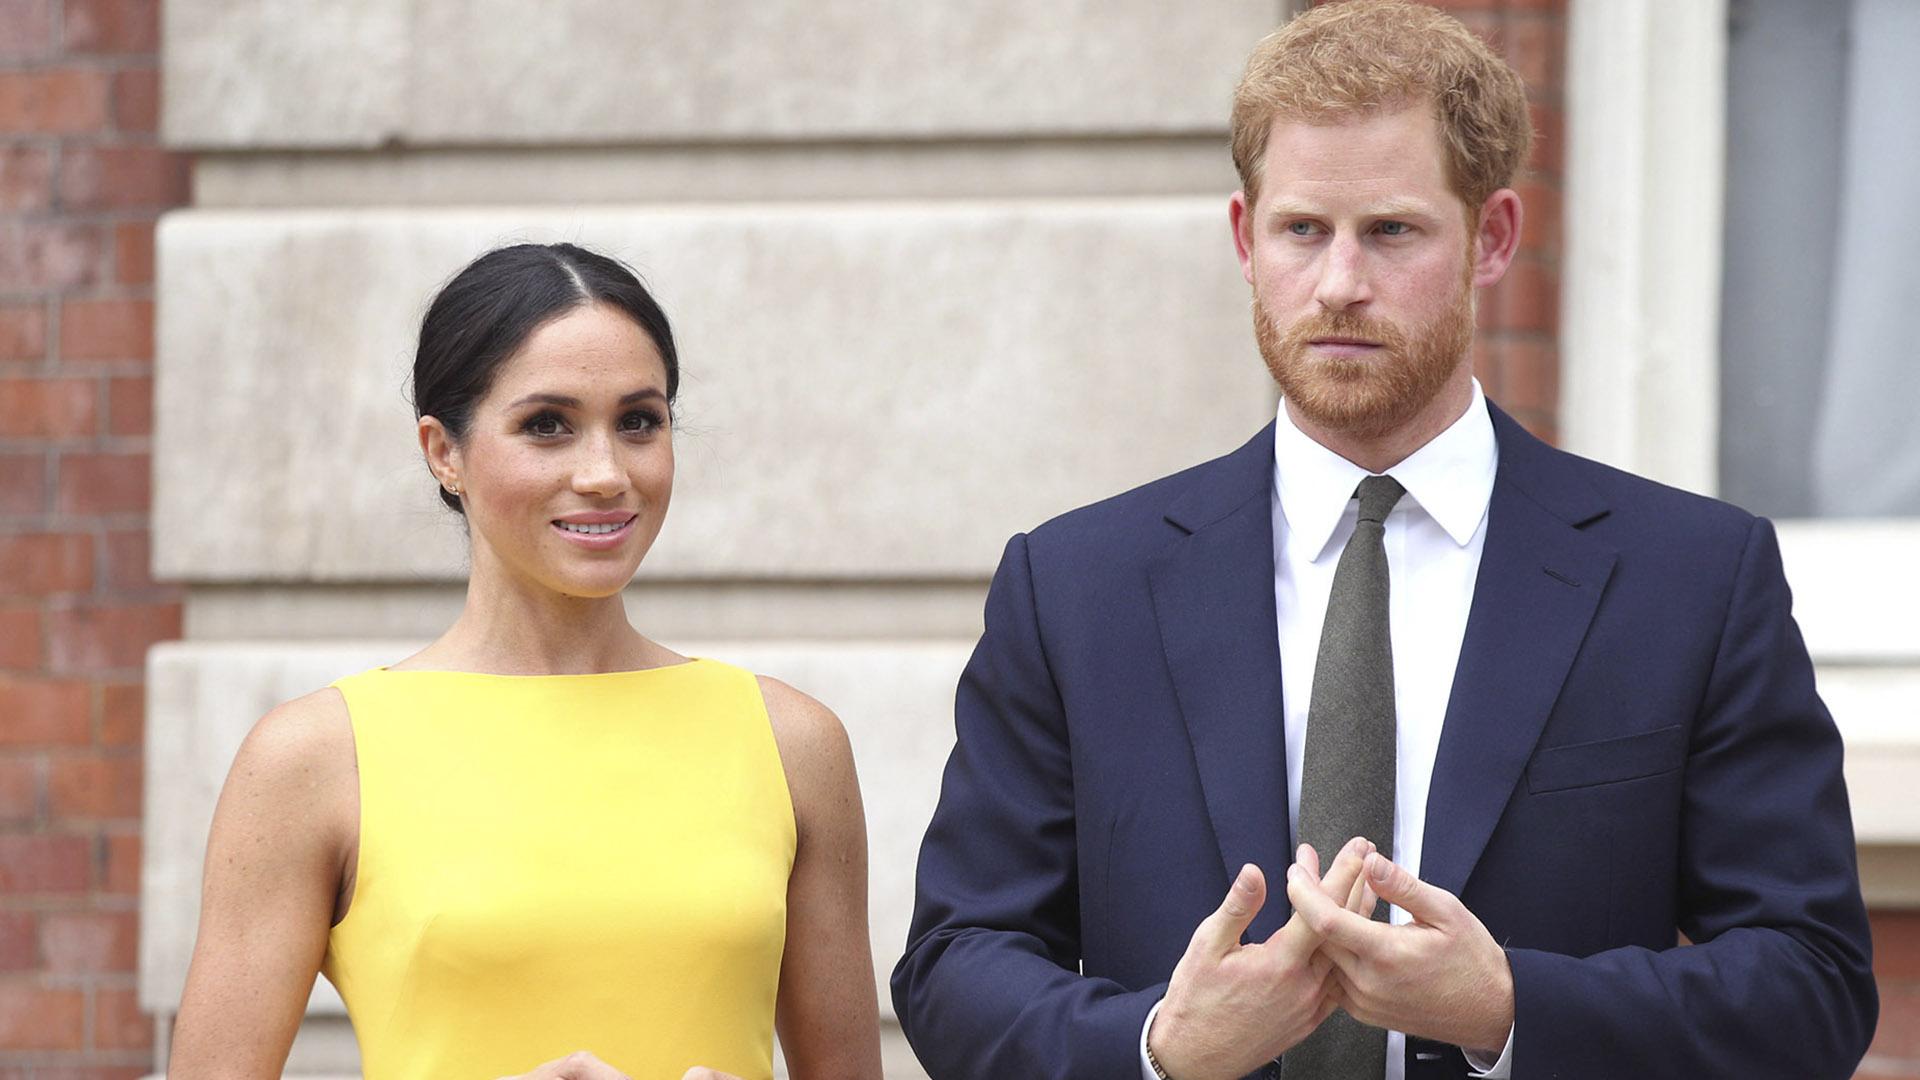 Meghan Markle dejó de lado su exitosa carrera como actriz para casarse con el príncipe Harry